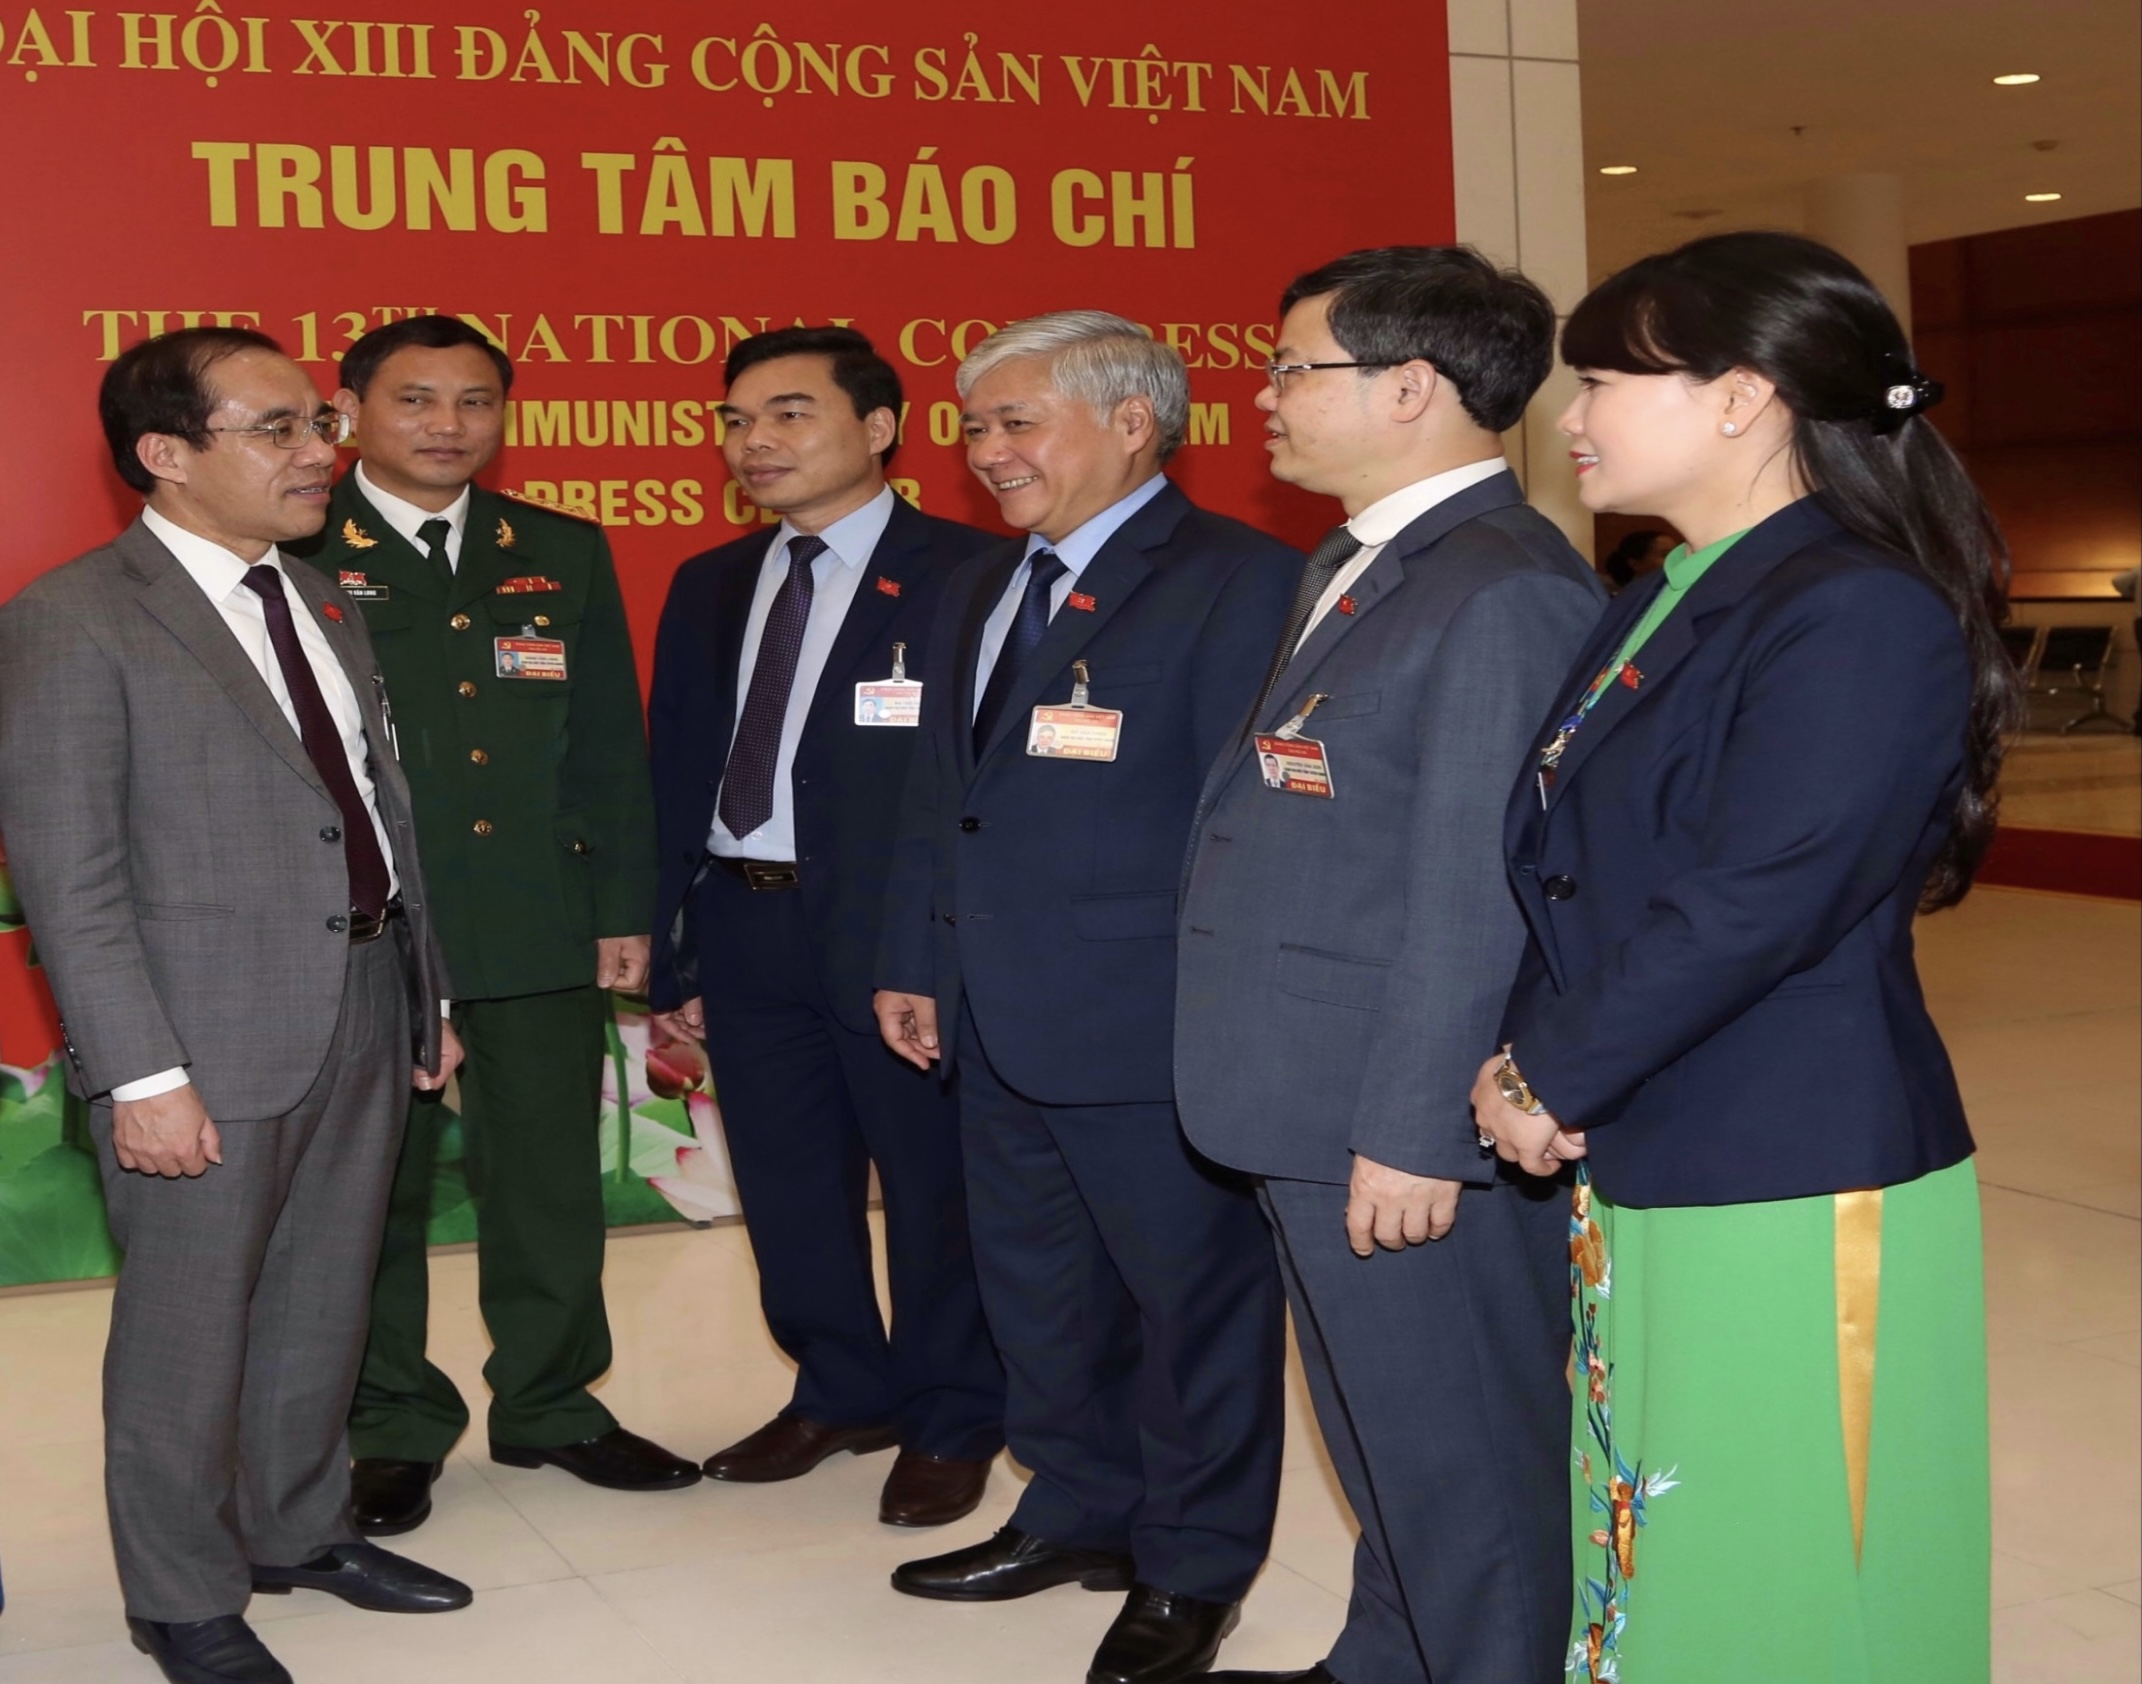 Bộ trưởng, Chủ nhiệm Ủy ban Dân tộc Đỗ Văn Chiến (thứ ba từ phải sang) cùng đoàn đại biểu tỉnh Tuyên Quang trao đổi bên lề Đại hội sáng 30/1/2021